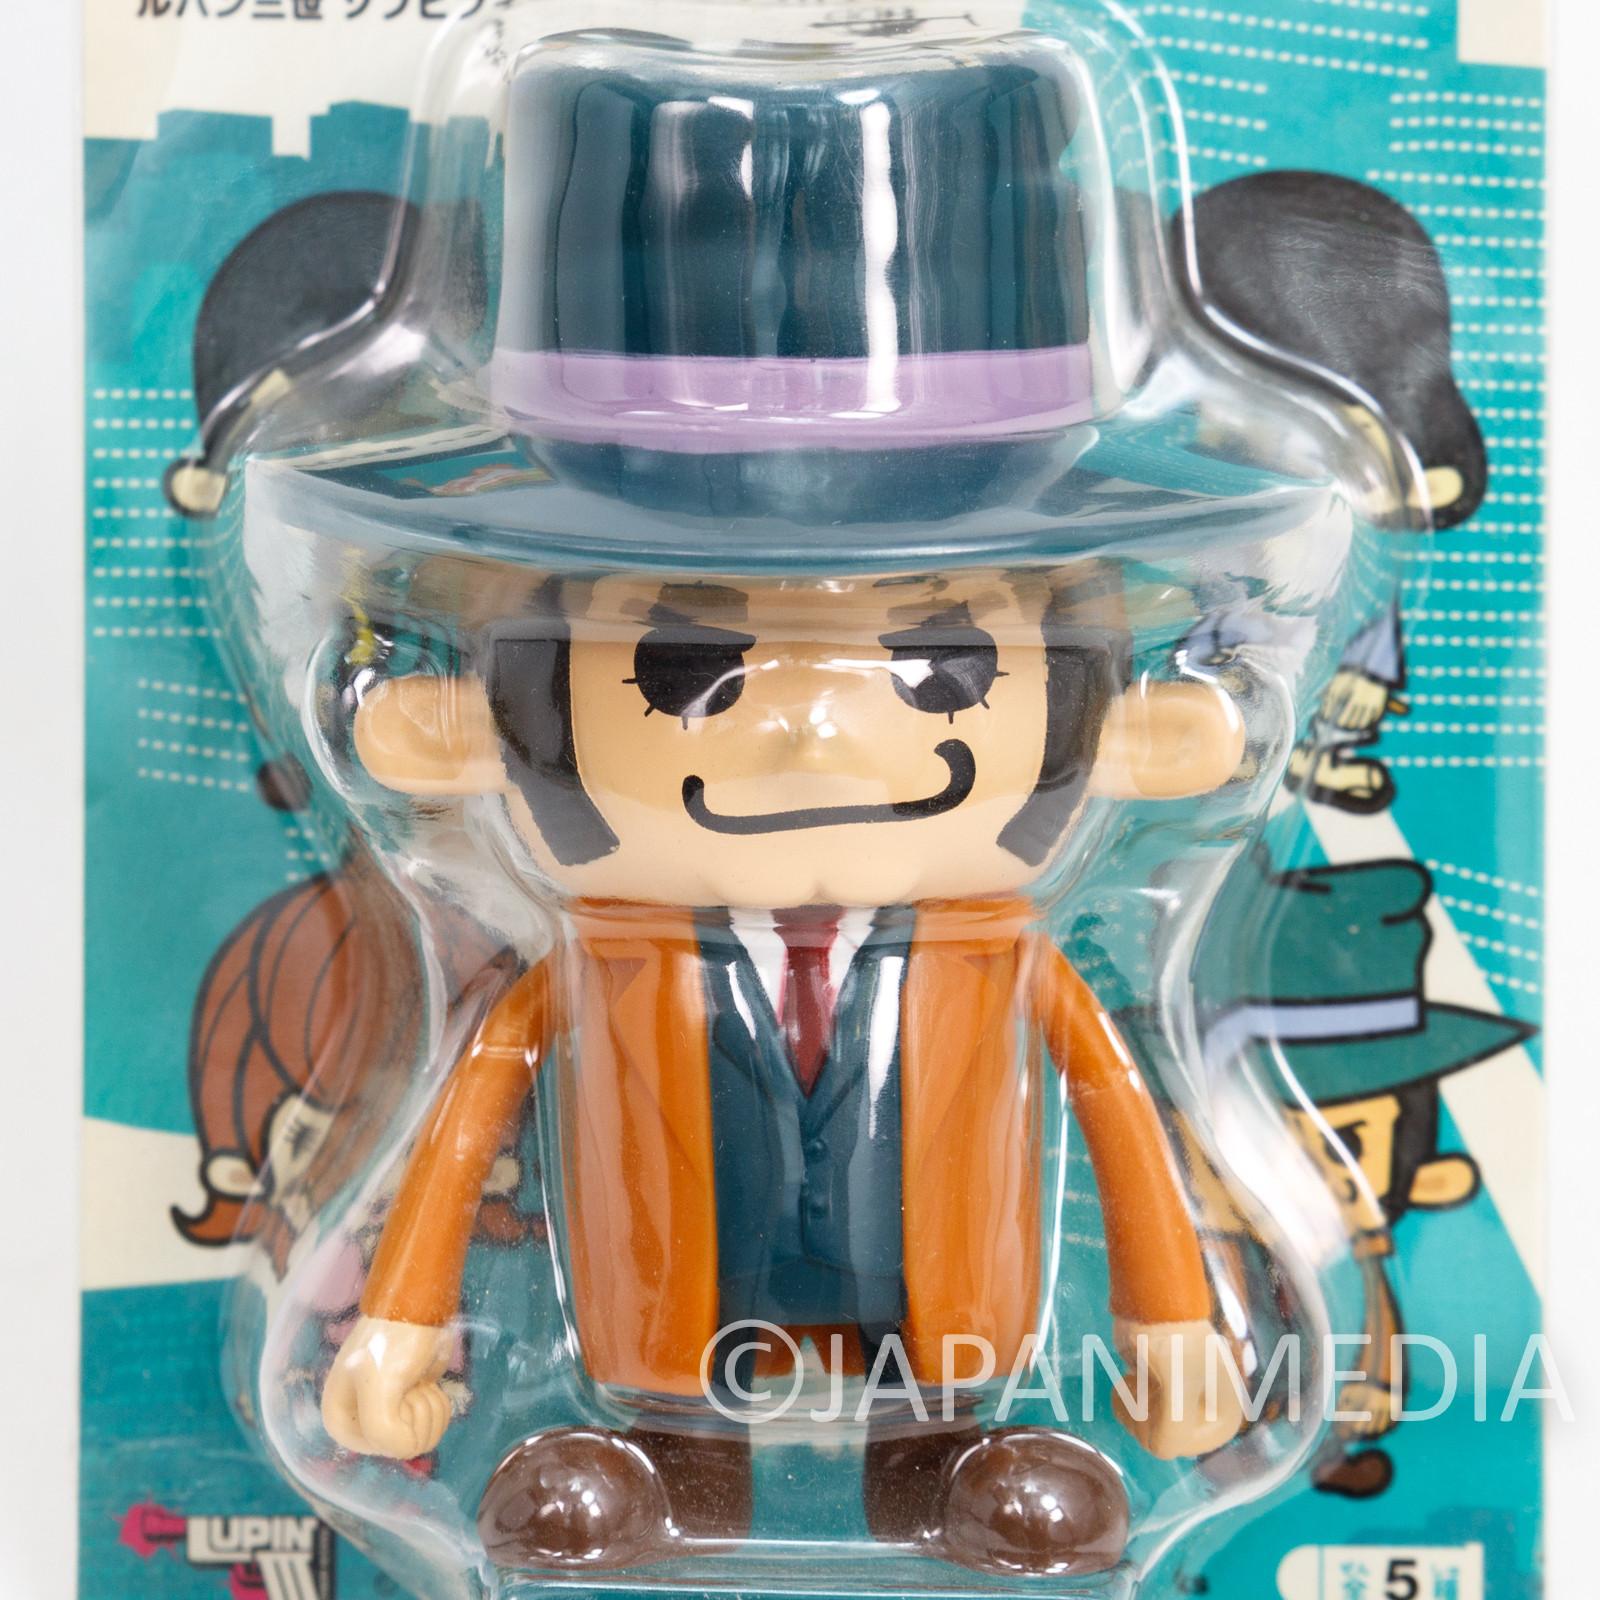 Lupin the 3rd x Panson Works Zenigata Soft Vinyl Figure Banpresto THIRD